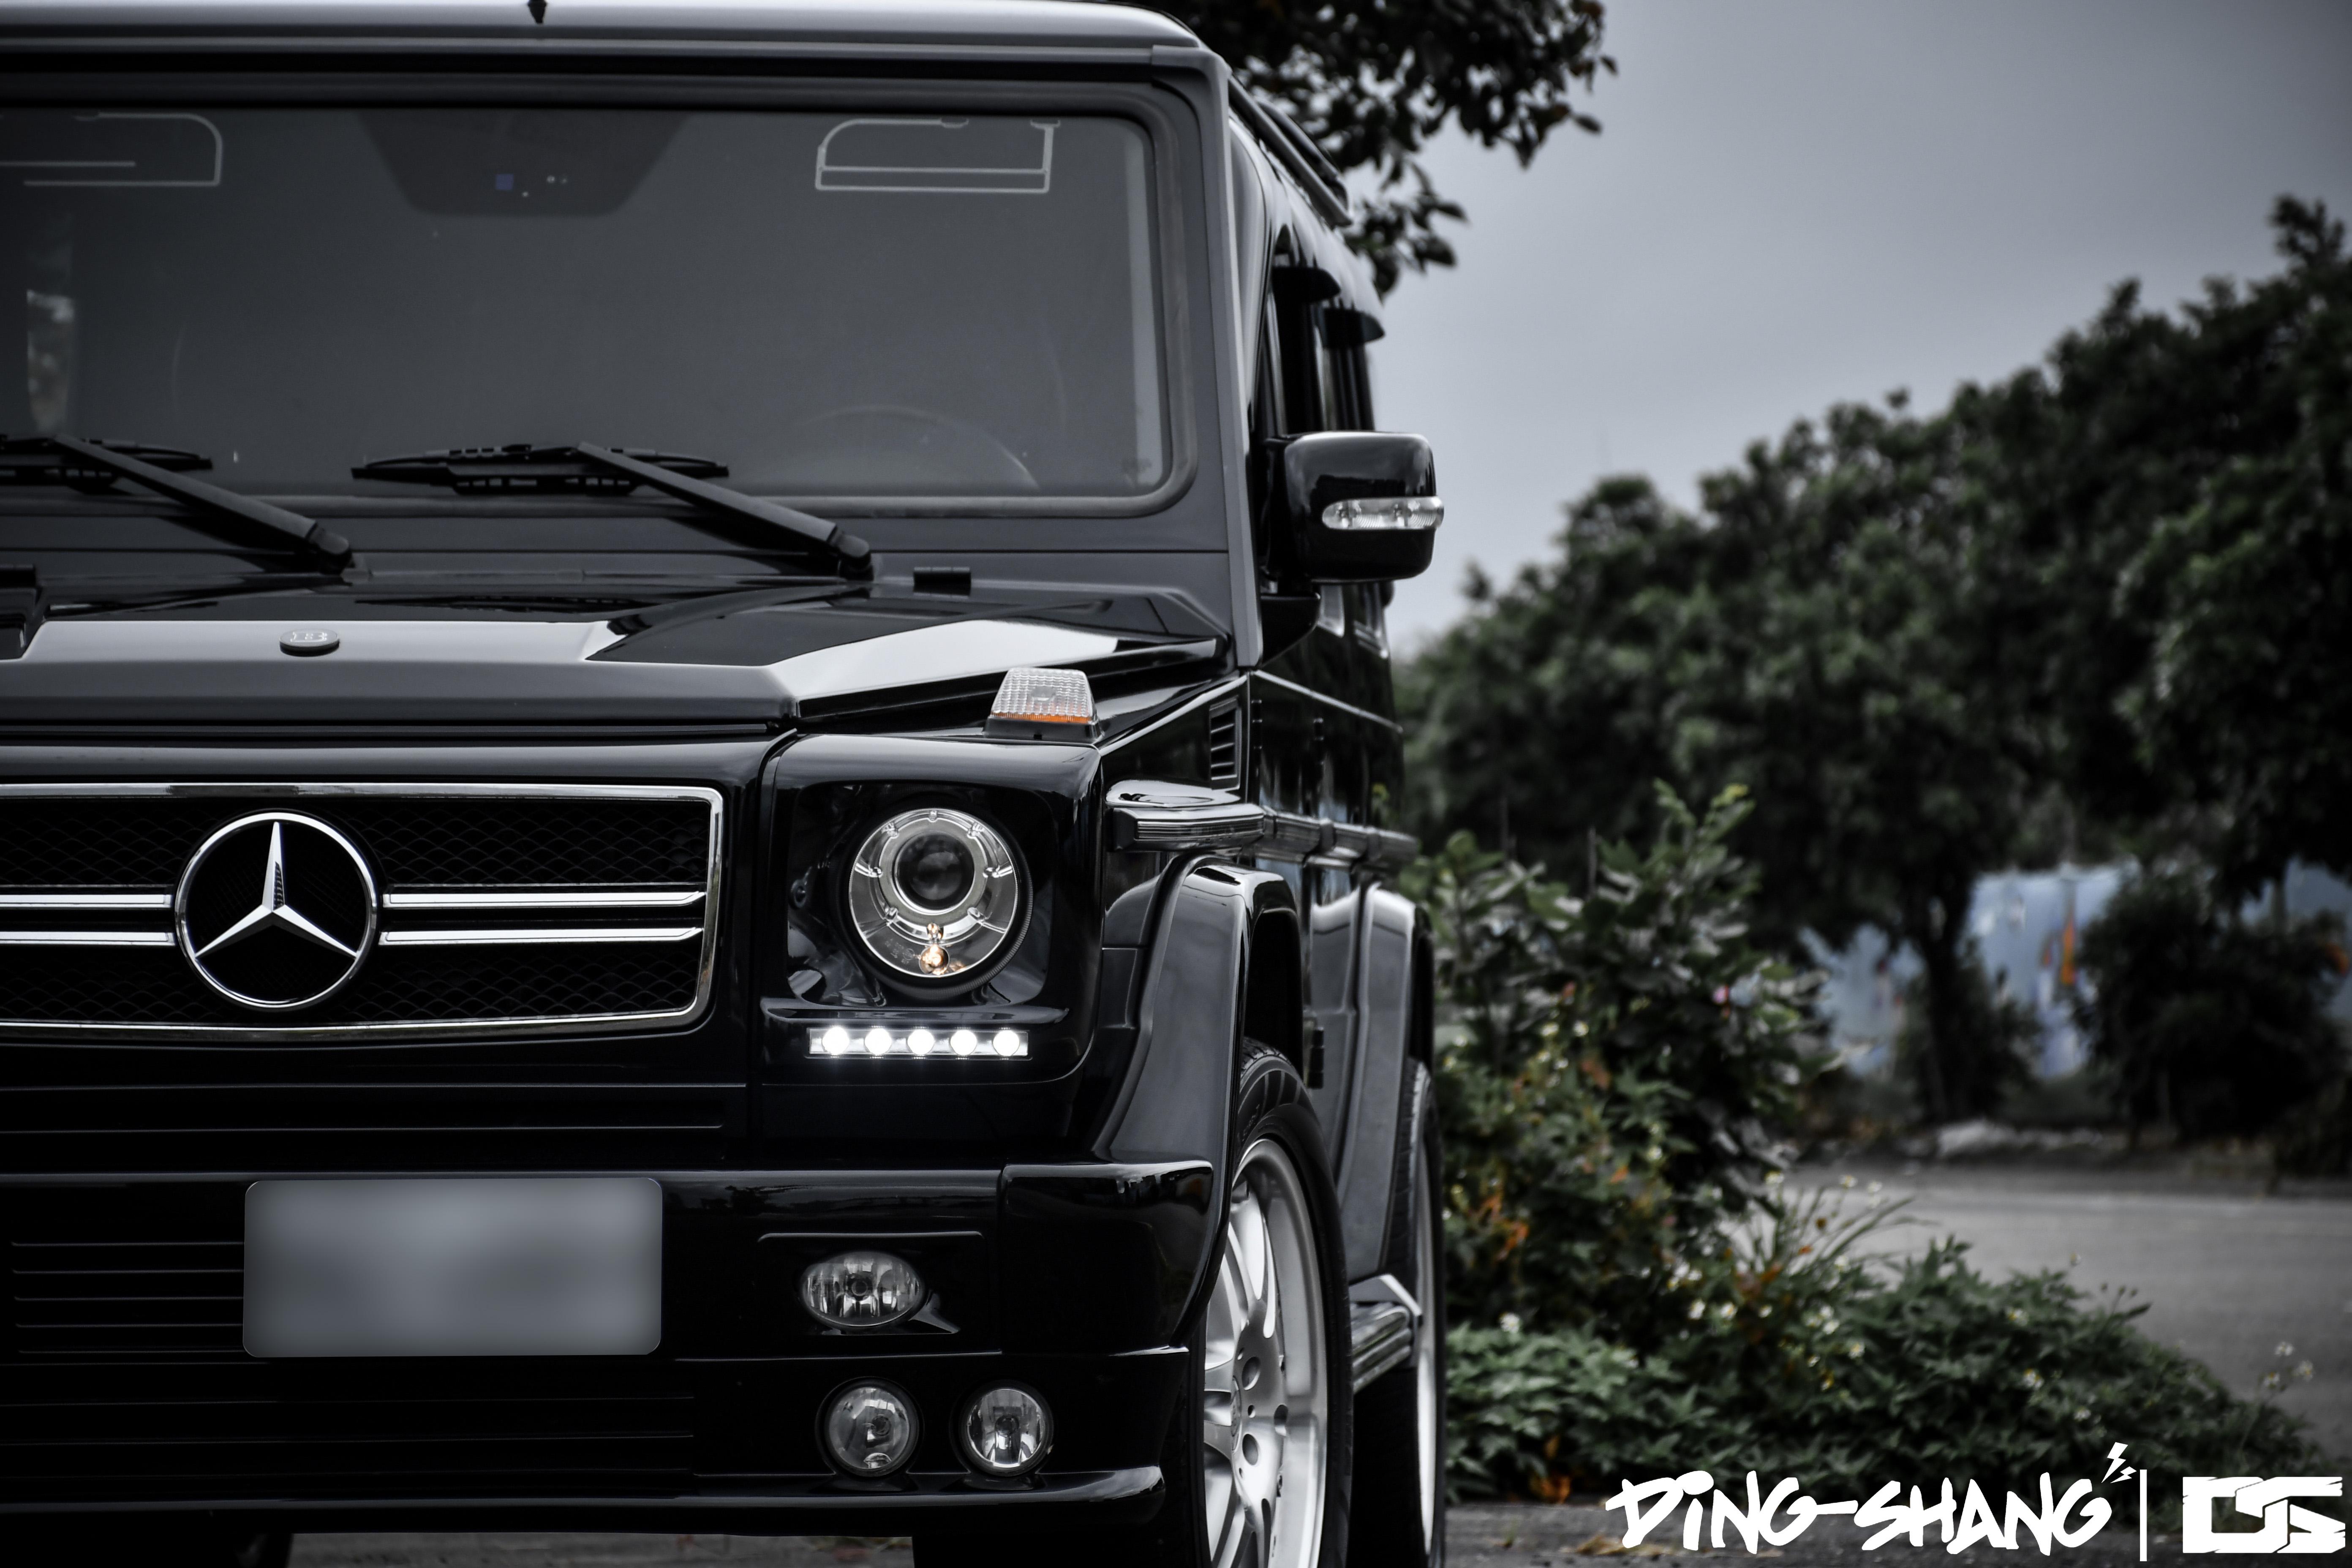 92211 Заставки и Обои Вид Спереди на телефон. Скачать Mercedes-Benz G500, Brabus, Тачки (Cars), Черный, Внедорожник, Вид Спереди, Роскошный картинки бесплатно